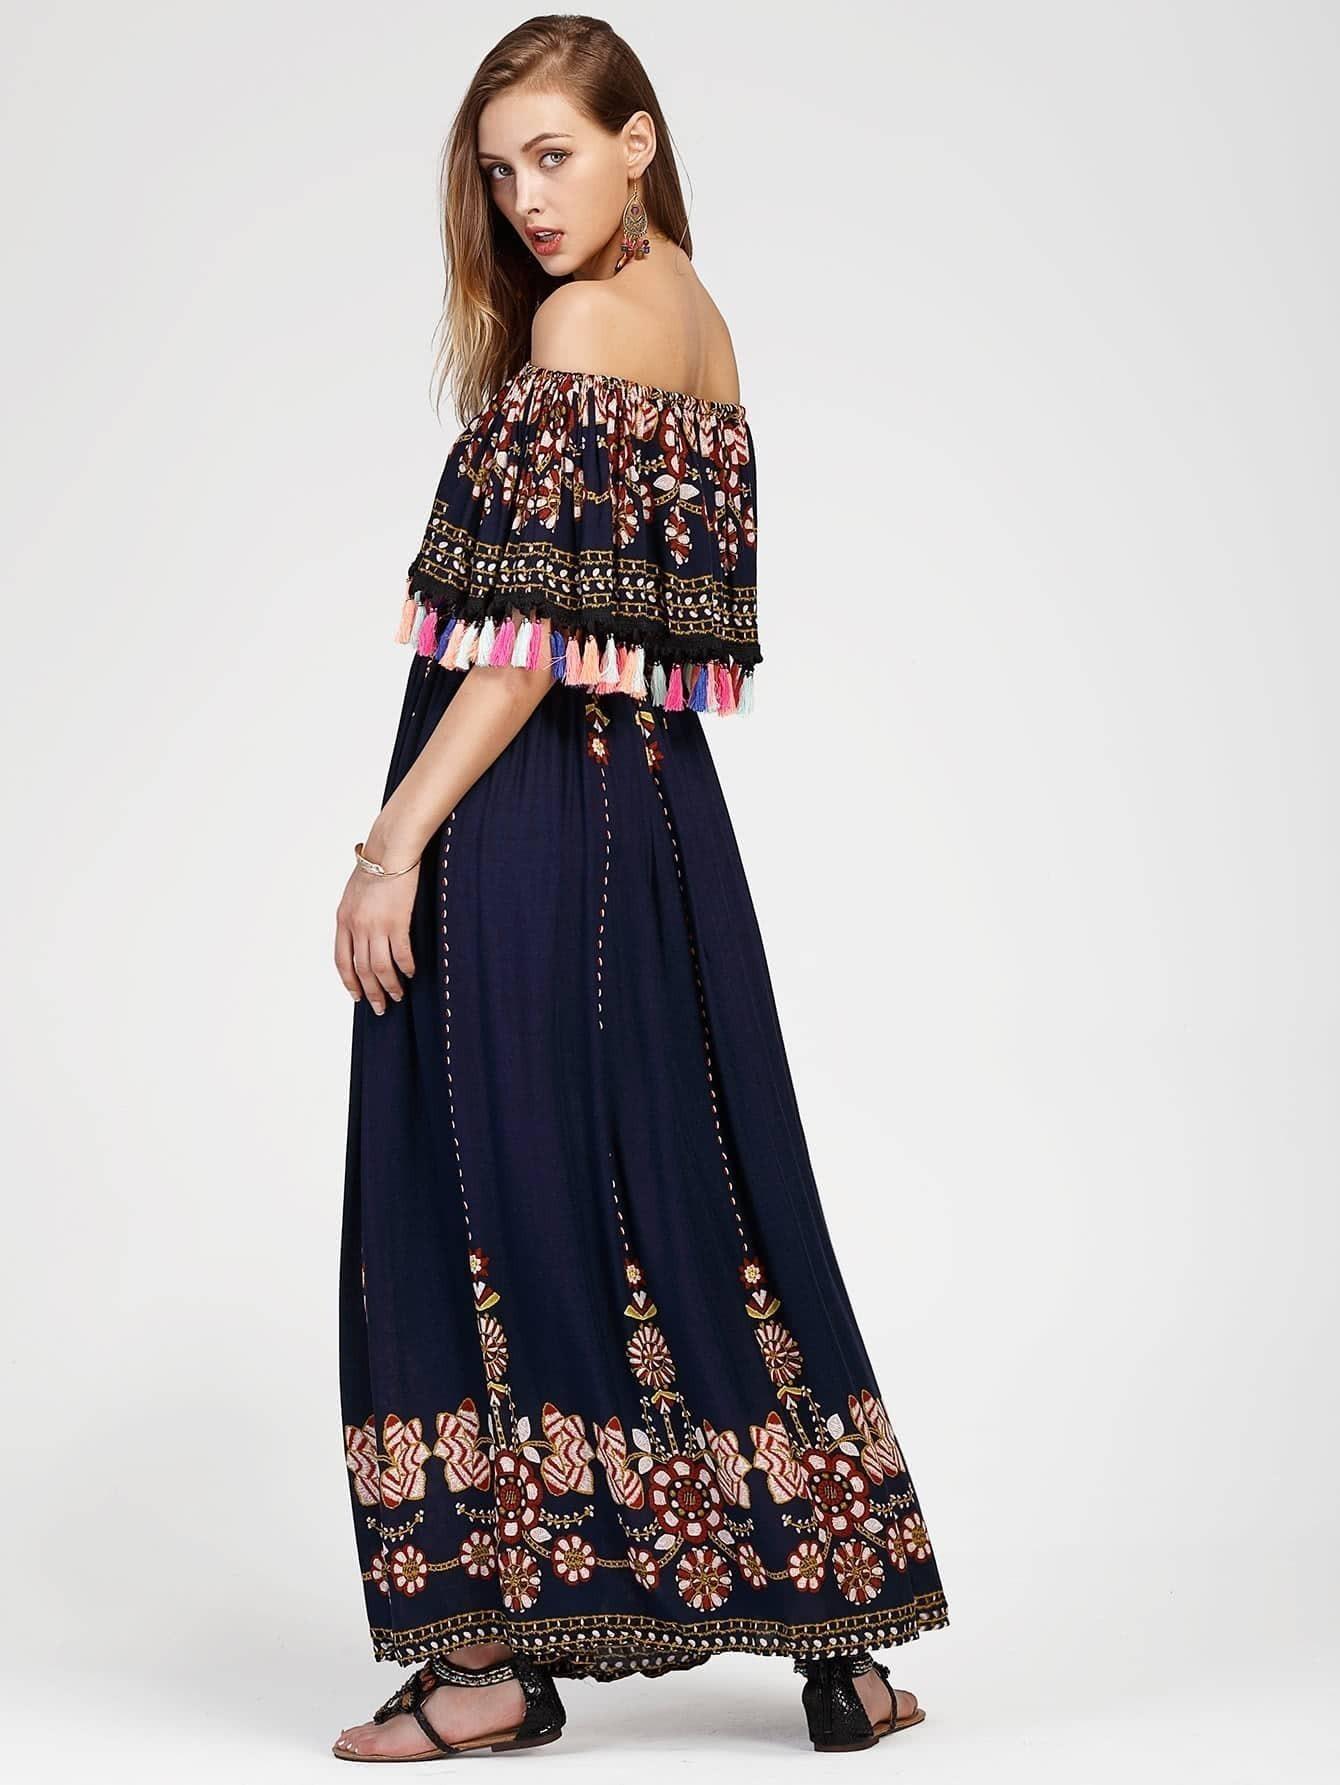 dress170518102_2